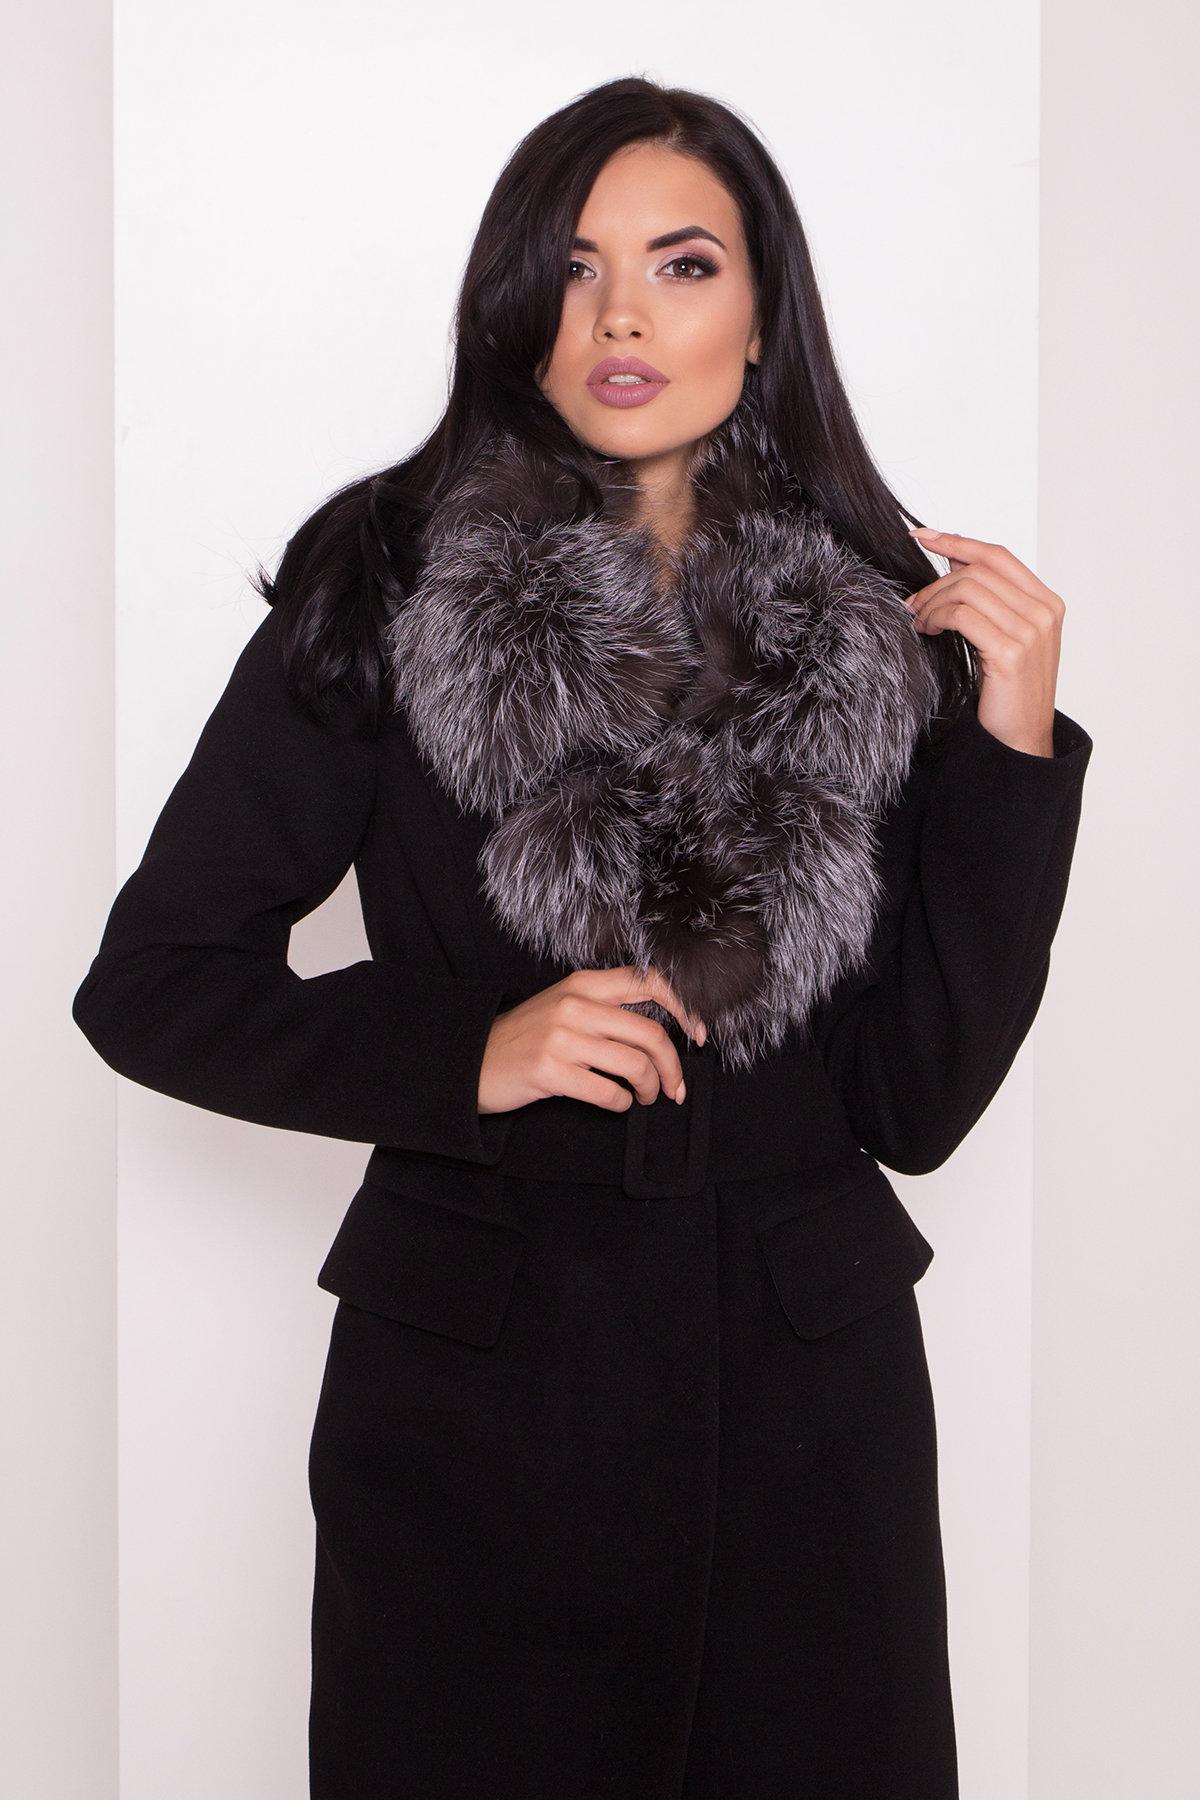 Зимнее пальто с меховым воротником Лабио 8150 АРТ. 44107 Цвет: Черный Н-1 - фото 2, интернет магазин tm-modus.ru